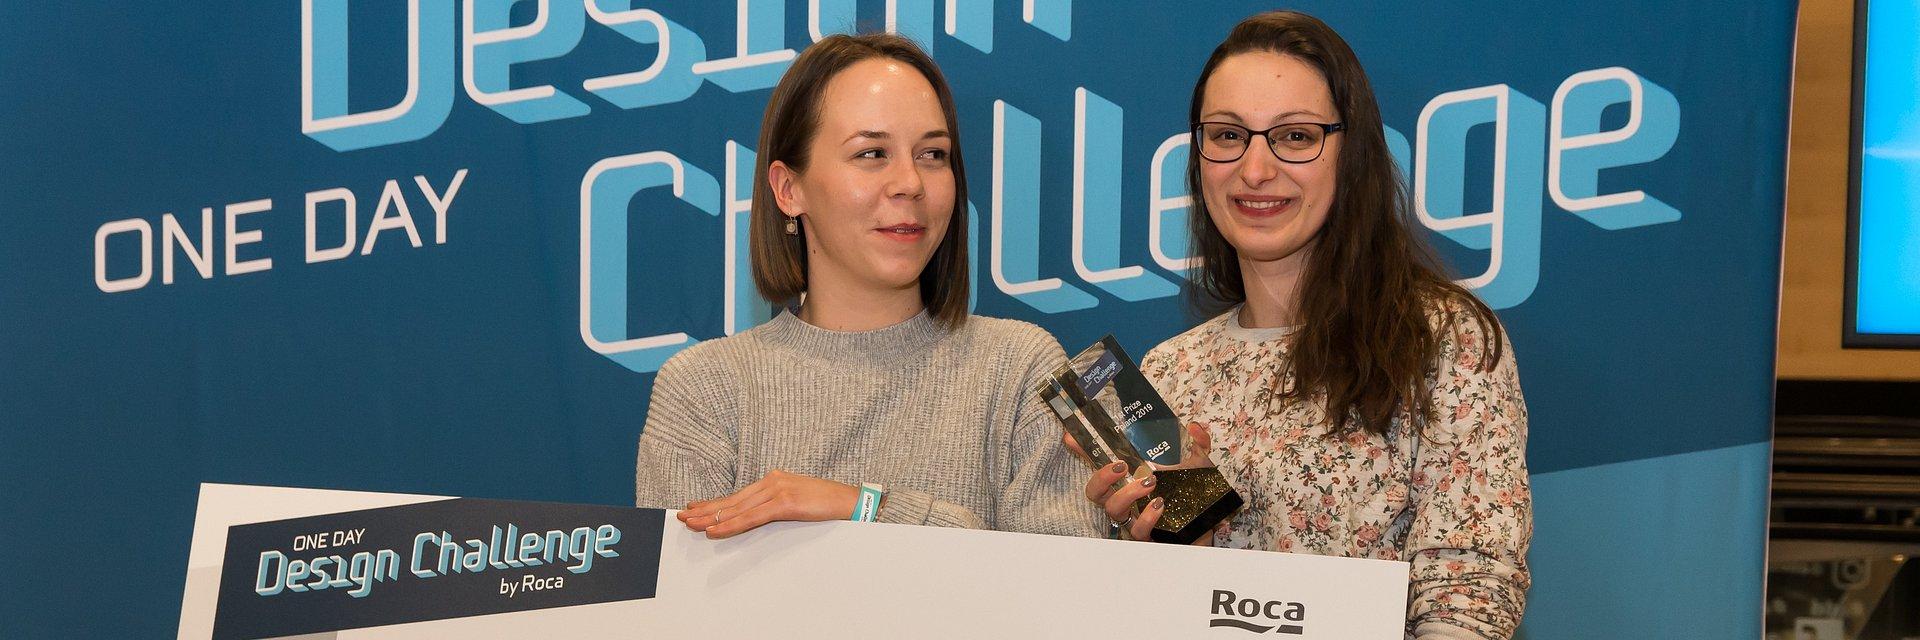 Druga edycja konkursu Roca One Day Design Challenge w Polsce zachęca młodych utalentowanych, aby tworzyć nowatorskie rozwiązania pod presją czasu.